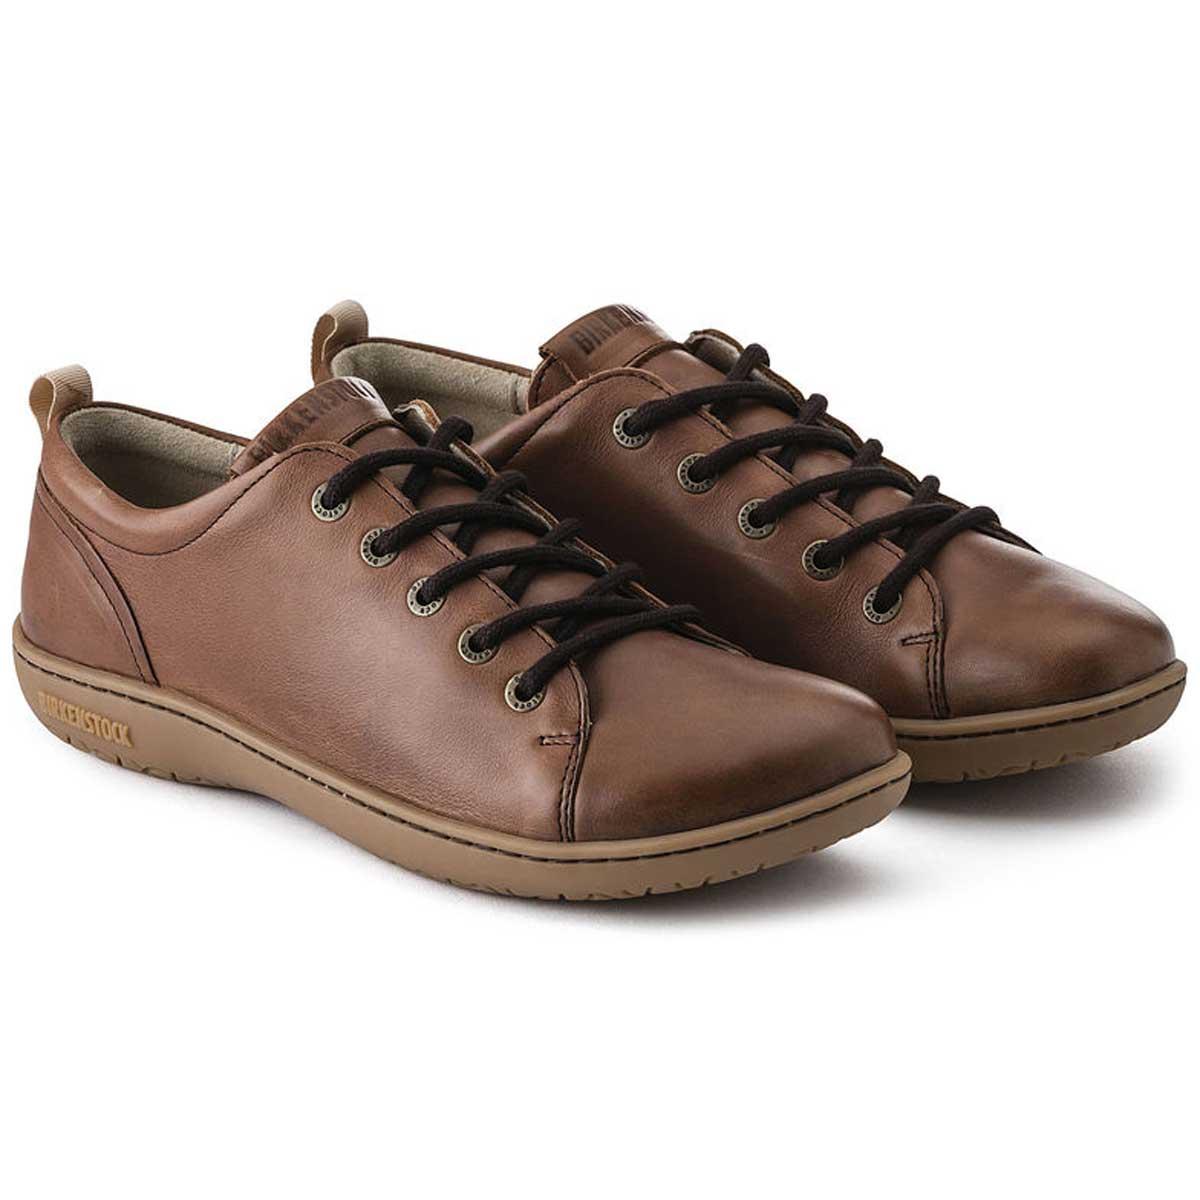 BIRKENSTOCK(ビルケンシュトック)ISLAY(アイラ)幅狭(ナローフィット)GC 1004662(ナチュラルレザー/ナッツ)ドイツ生まれの快適フットベッド(正規輸入品)「靴」, ケアショップ さくら b1d7c8c7